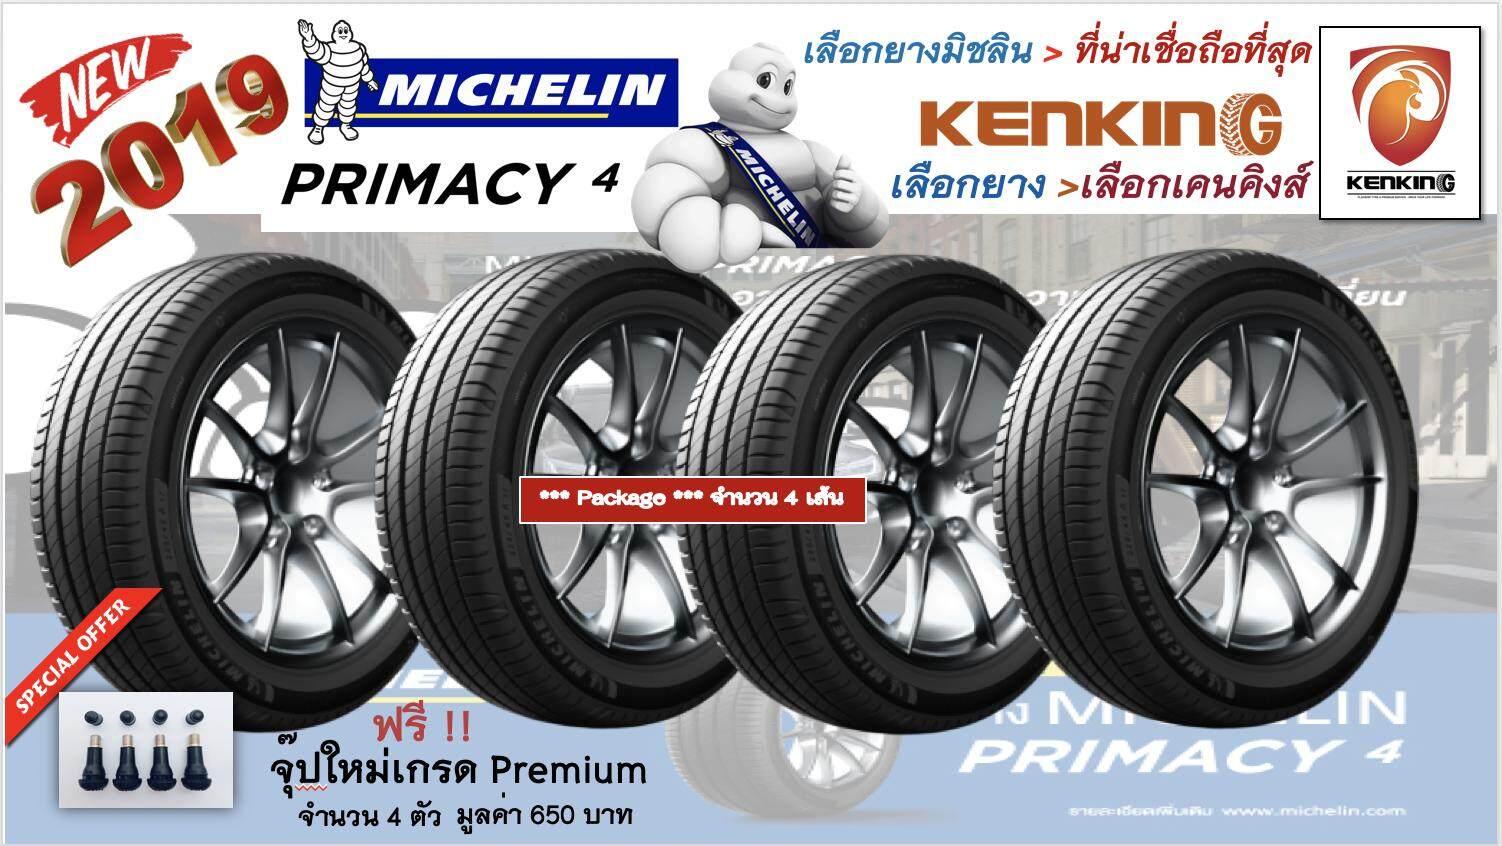 ประกันภัย รถยนต์ 2+ ศรีสะเกษ Michelin มิชลิน NEW!! ปี 2019 205/55 R16 Primacy 4 (จำนวน 4 เส้น) ฟรี!! จุ๊ป Premium 650 บาท ยางรถยนต์ขอบ16 ยางรถยนต์